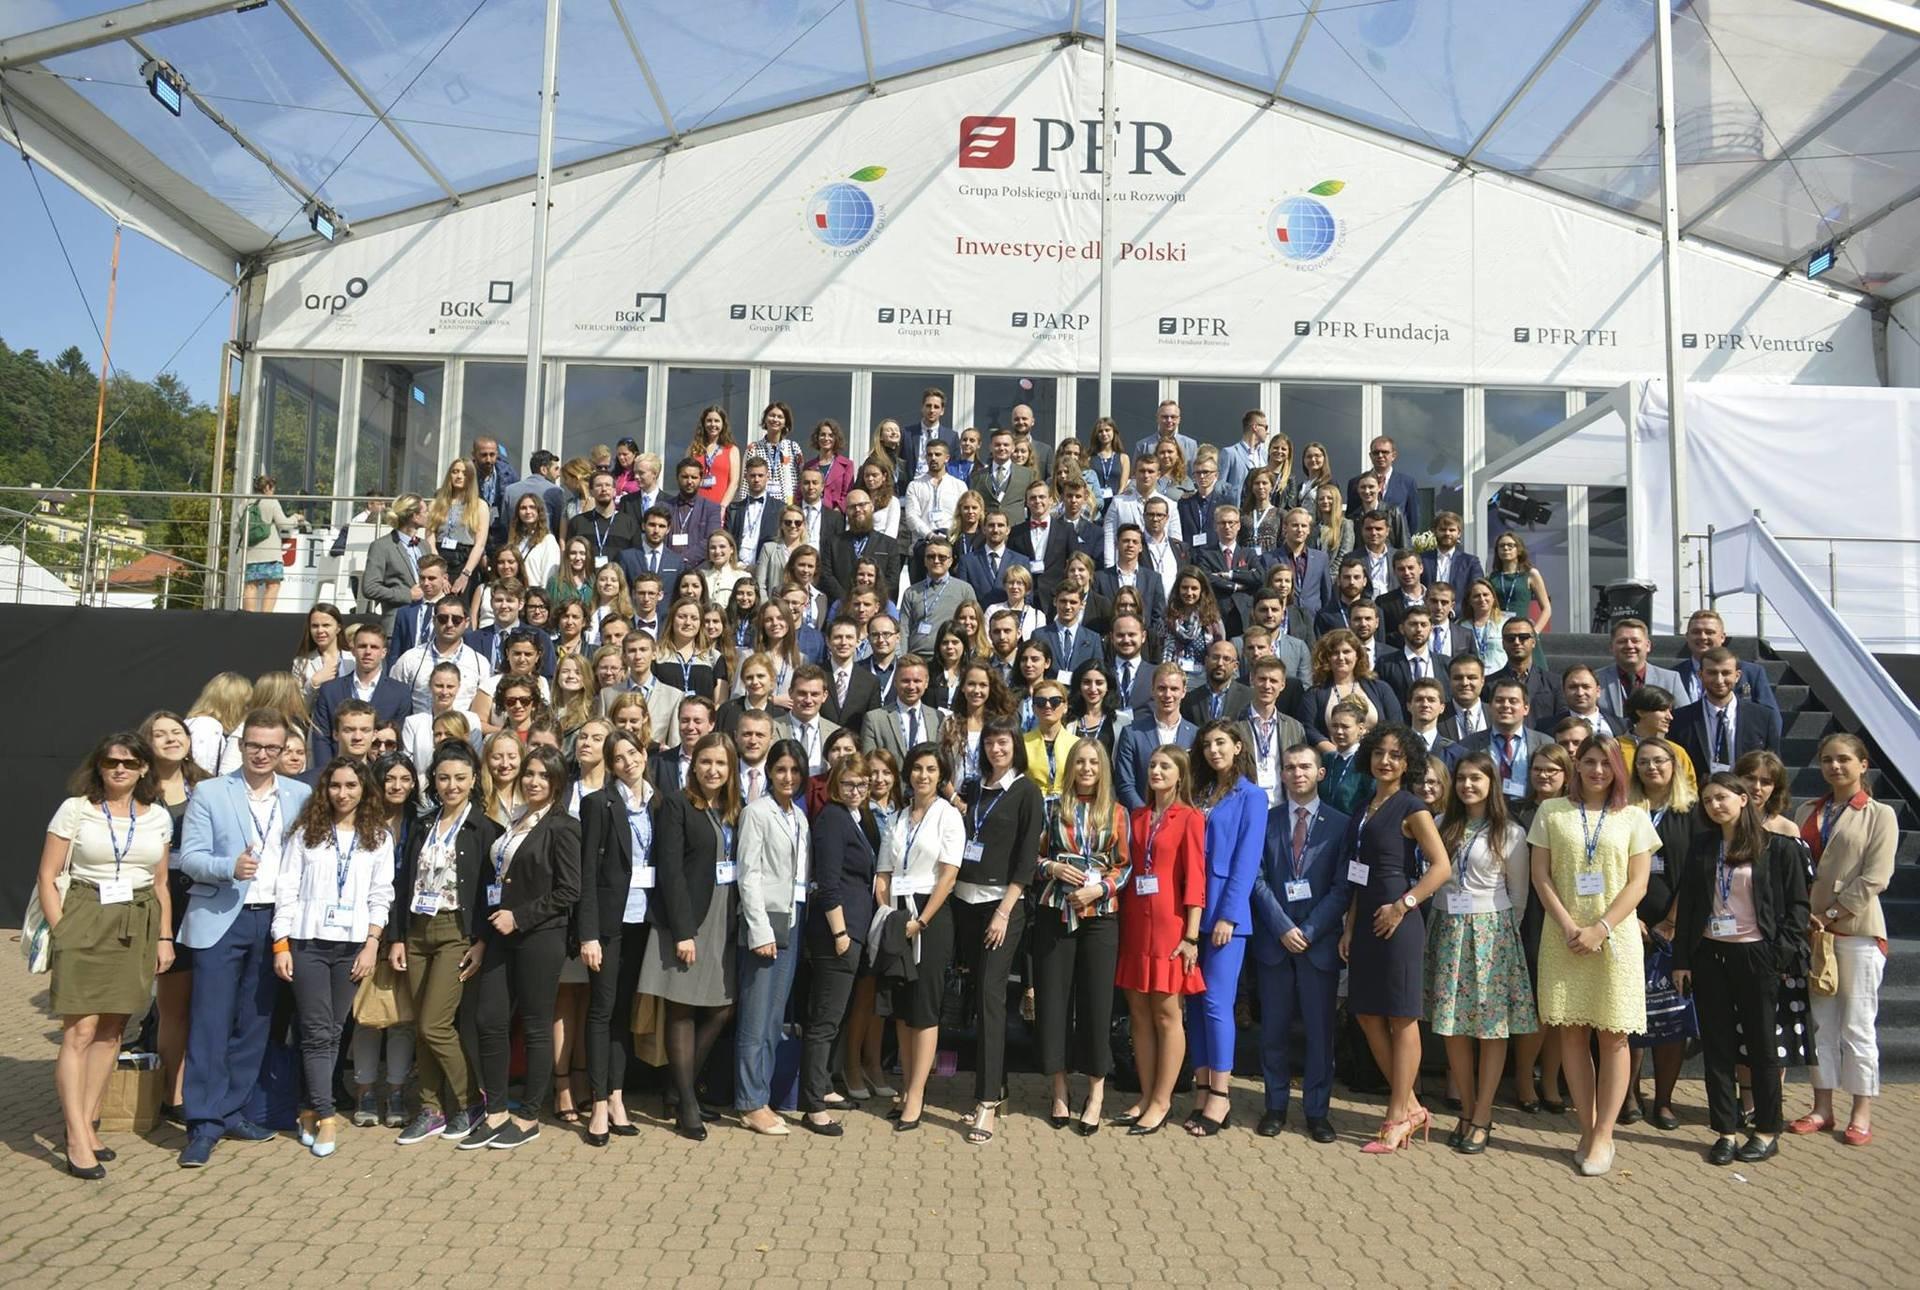 Podsumowanie XIII Forum Ekonomicznego Młodych Liderów